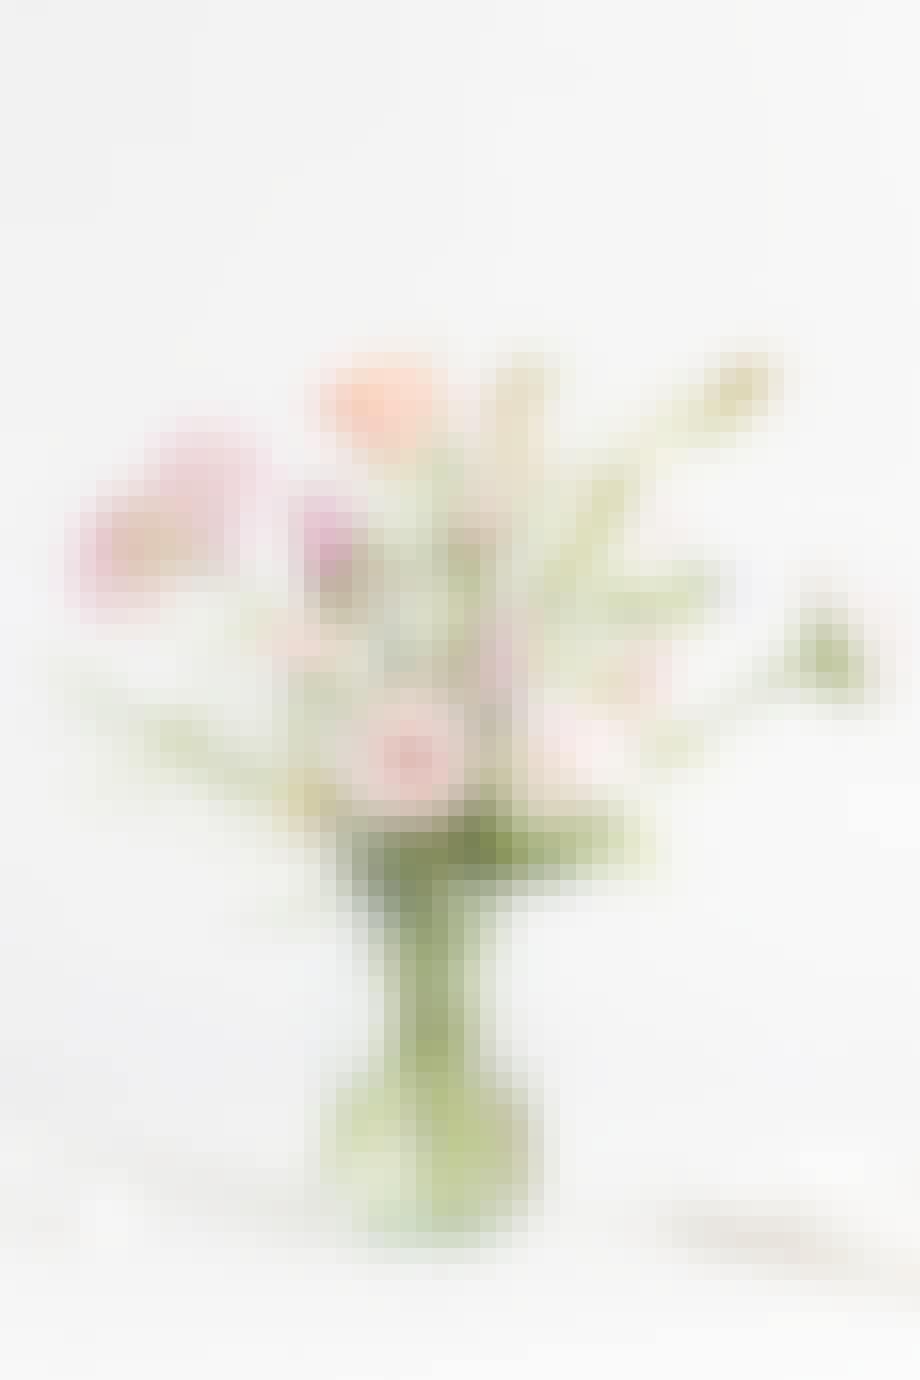 Bloomon blomster til levering på abonnement